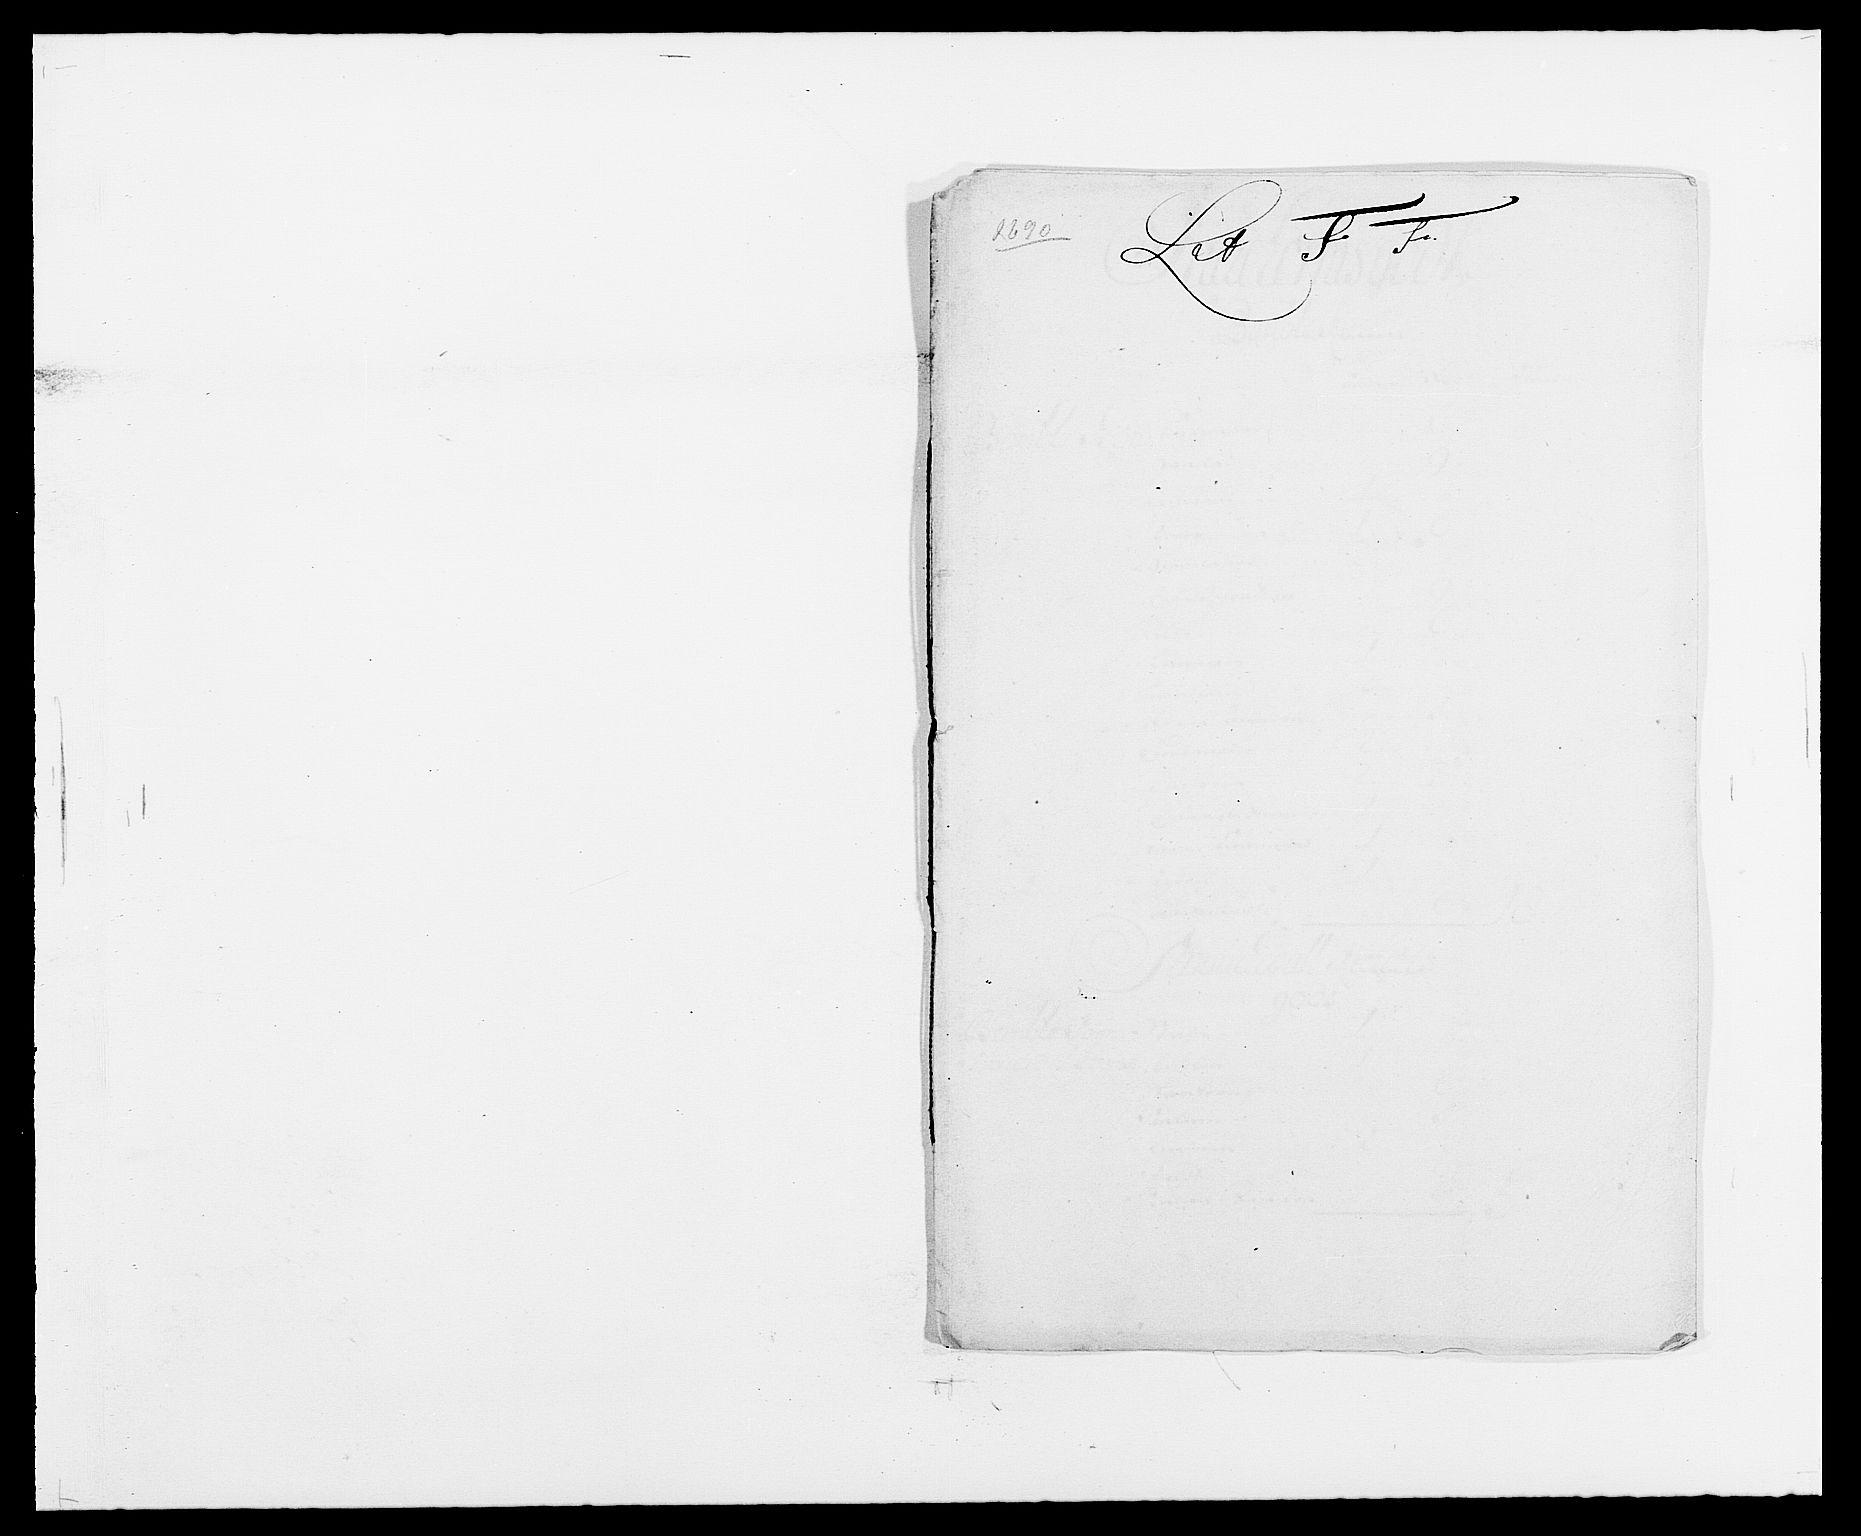 RA, Rentekammeret inntil 1814, Reviderte regnskaper, Fogderegnskap, R34/L2051: Fogderegnskap Bamble, 1688-1691, s. 149